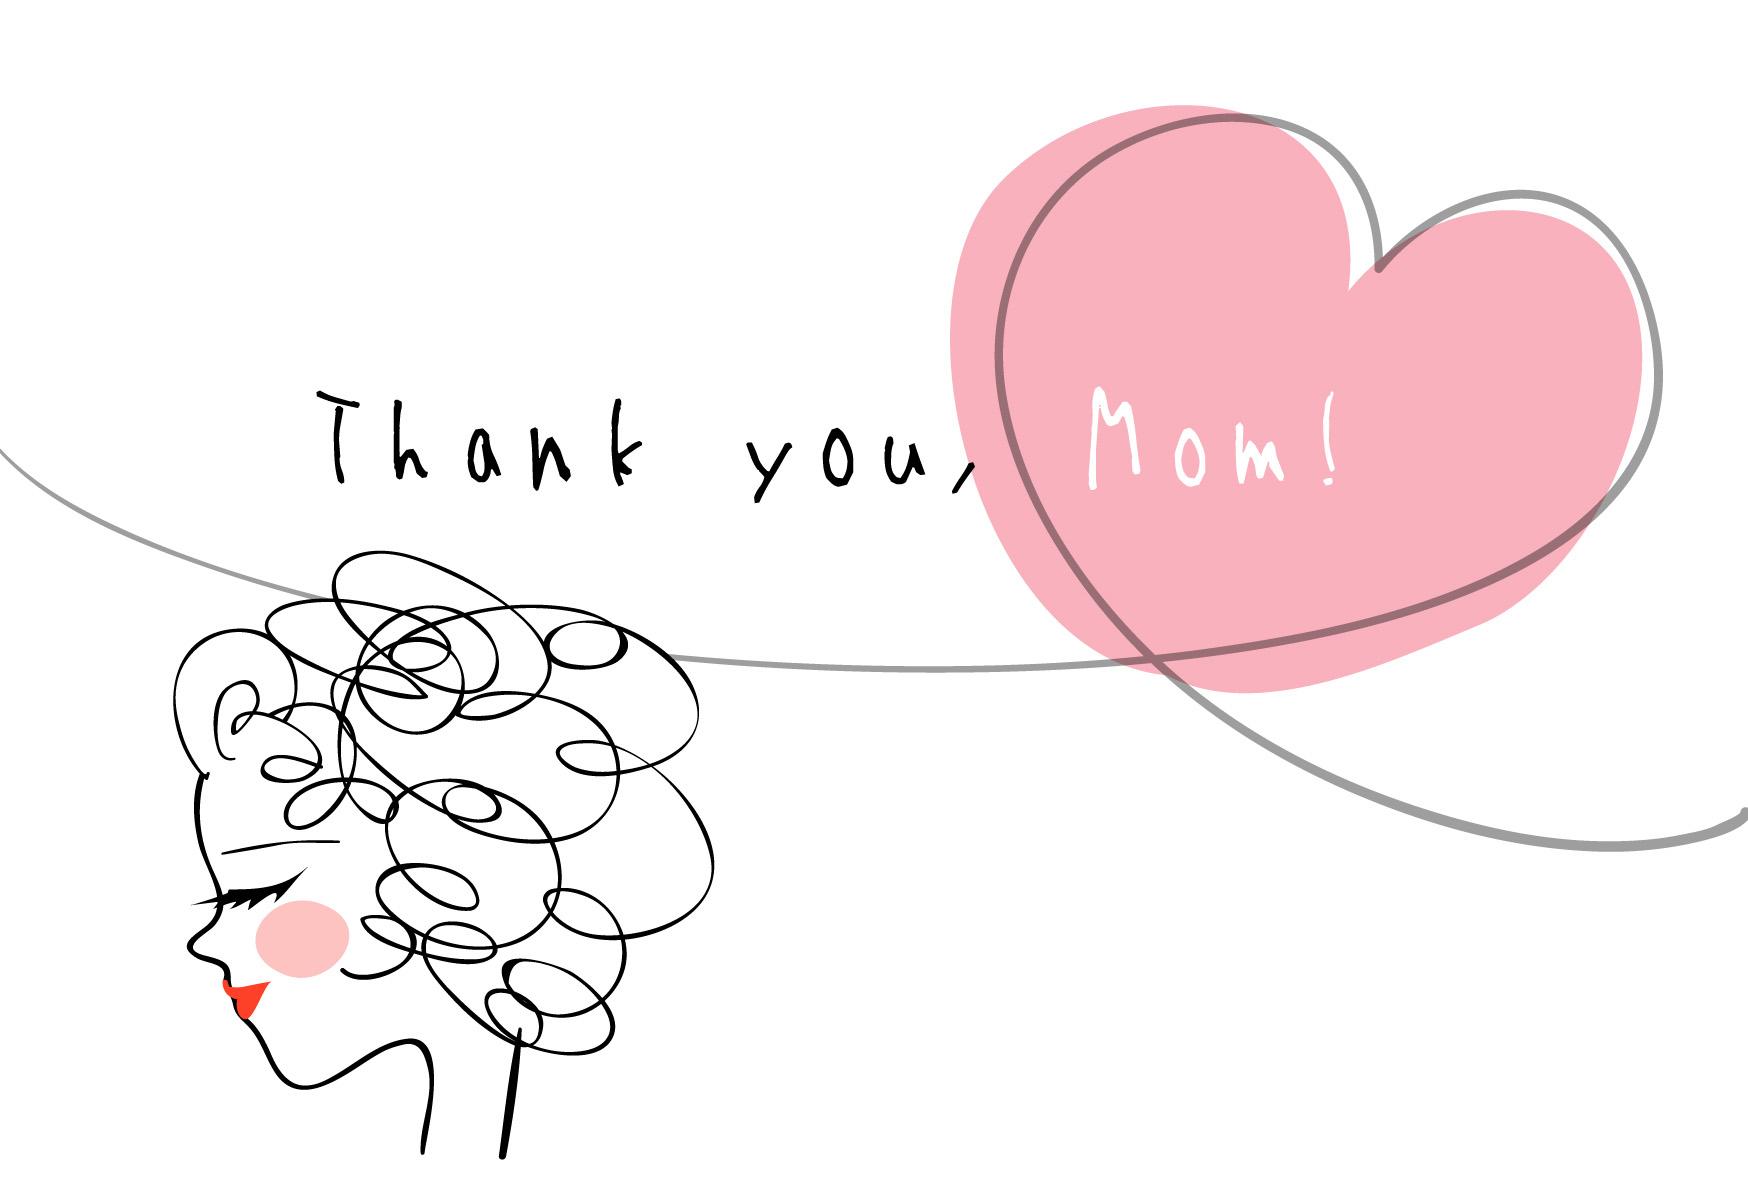 母の日のポストカードテンプレート-ママとハート「thank you,mom